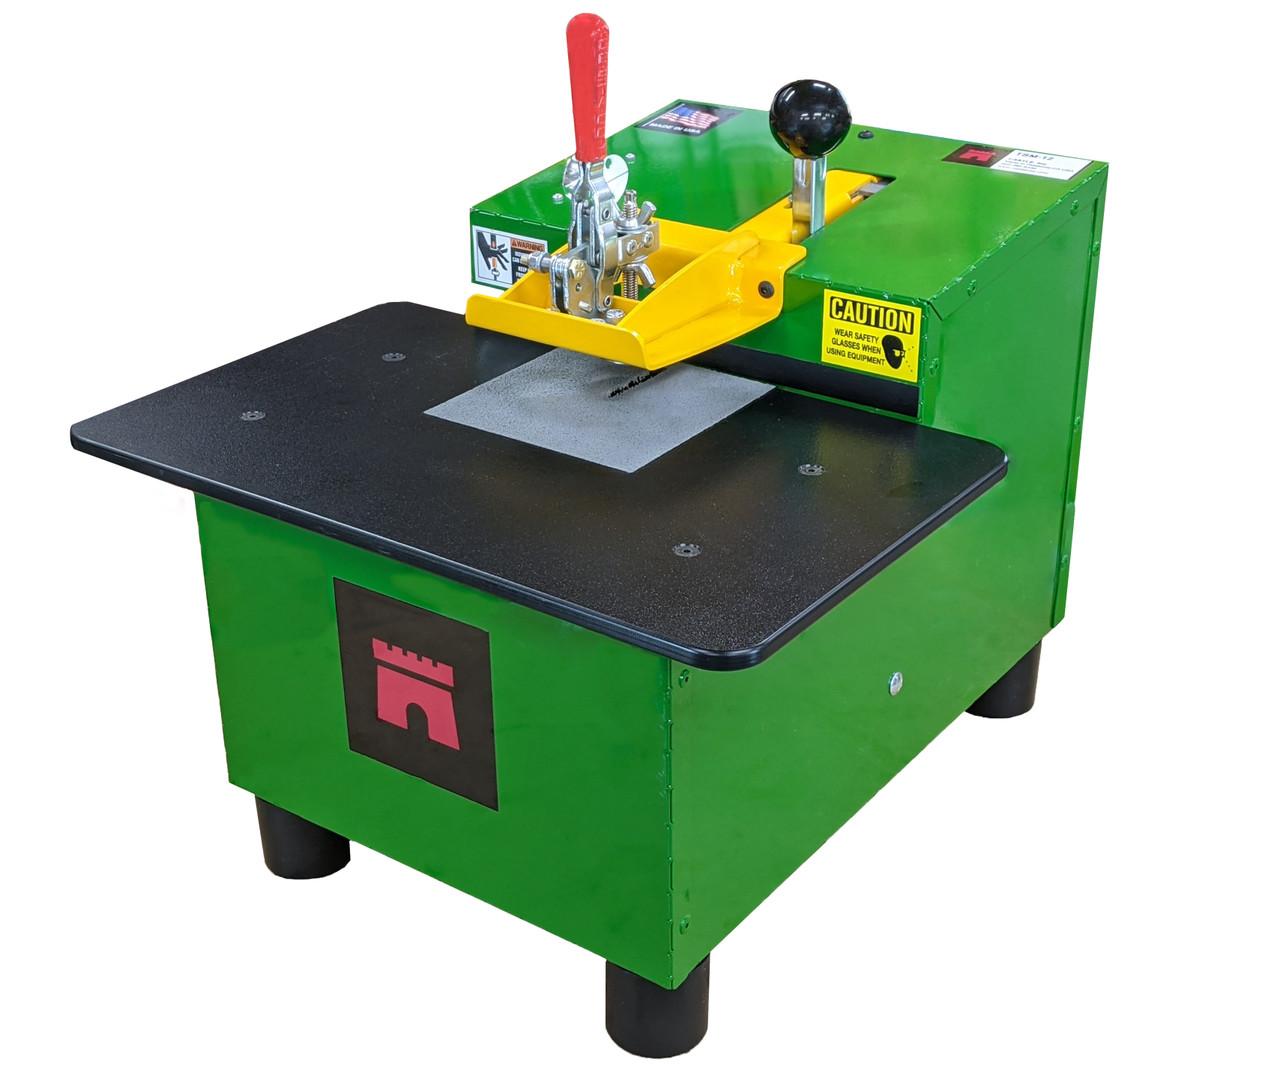 TSM-12 Benchtop Pocket Cutter Machine